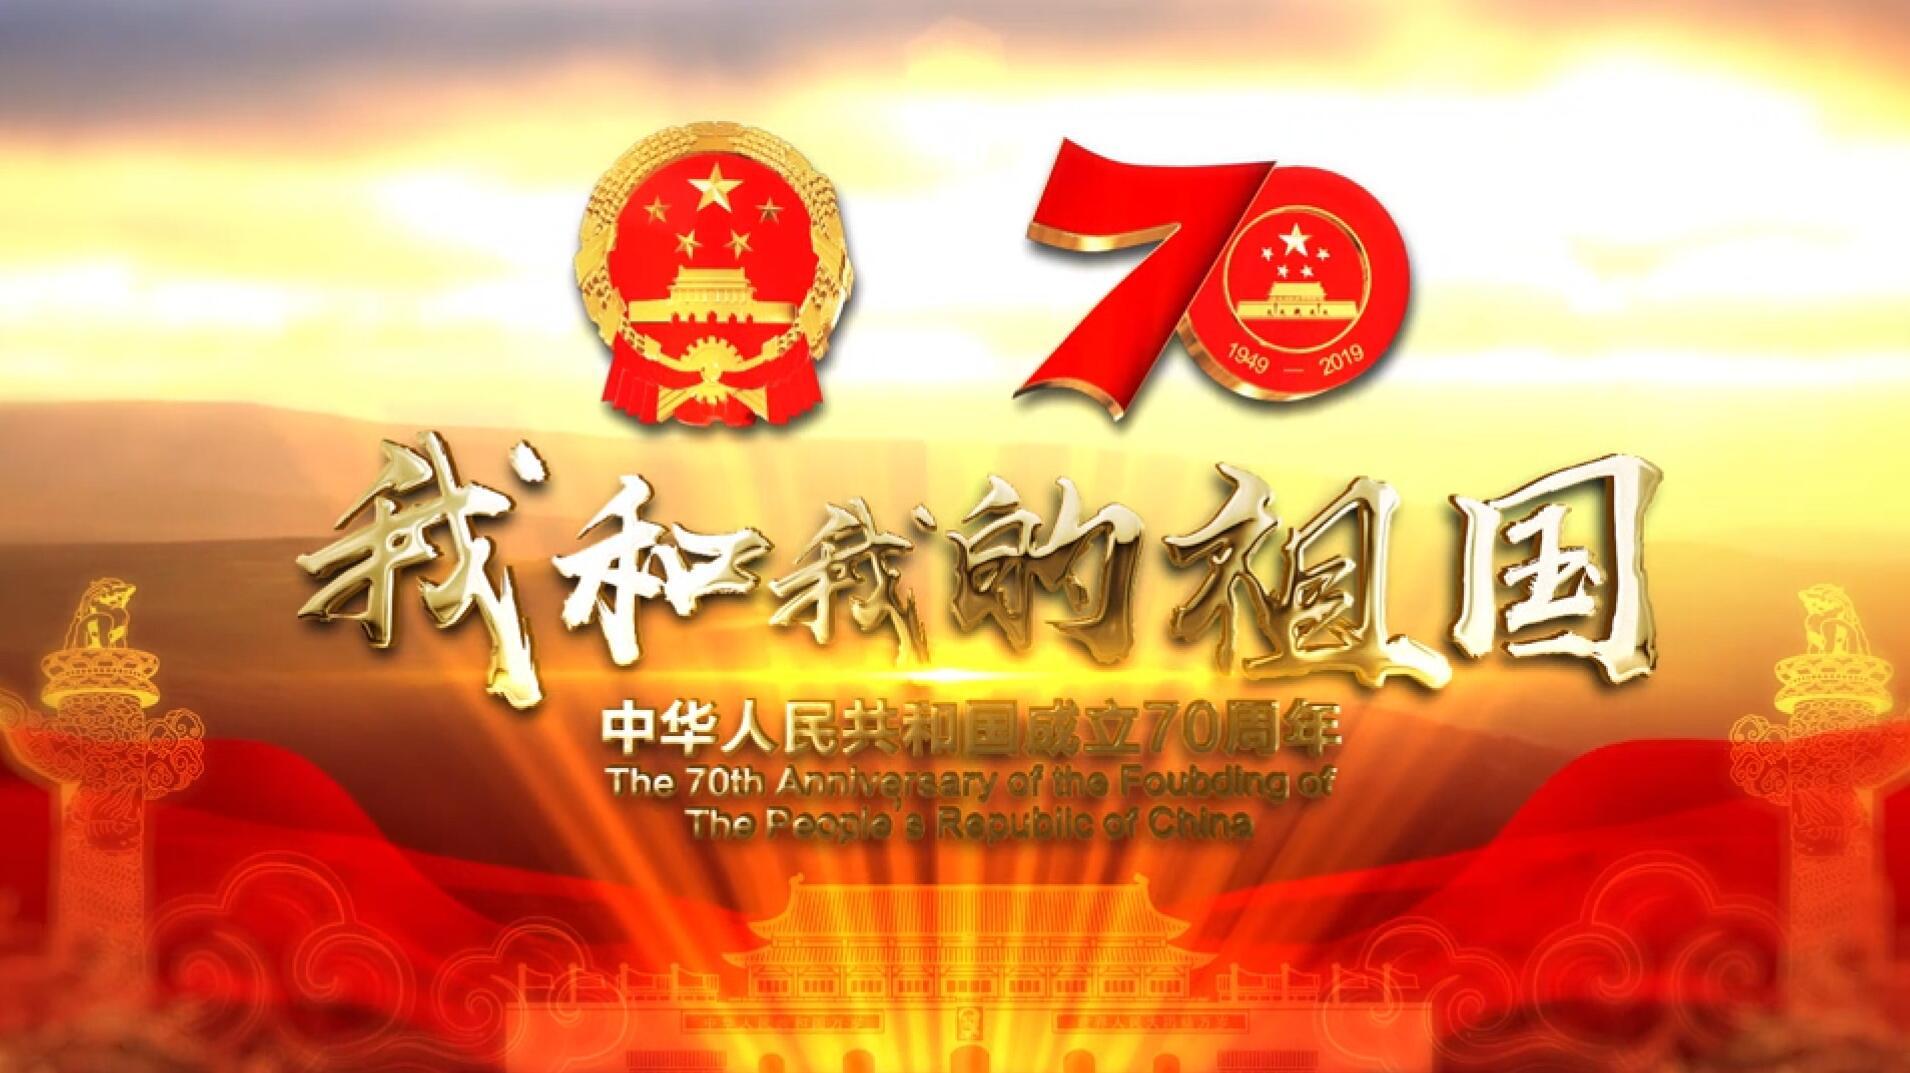 """榆树中粮,礼赞中国—中粮榆树人唱响""""我和我的祖国"""""""